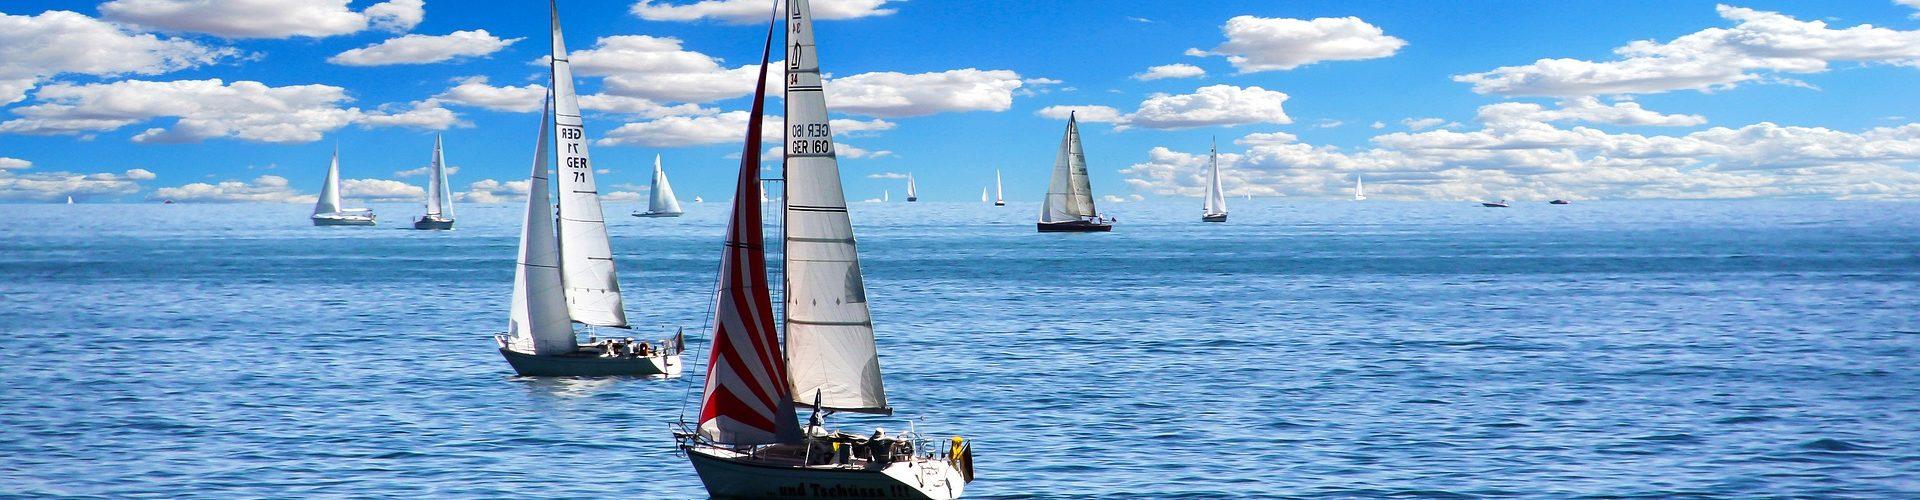 segeln lernen in Feldafing segelschein machen in Feldafing 1920x500 - Segeln lernen in Feldafing